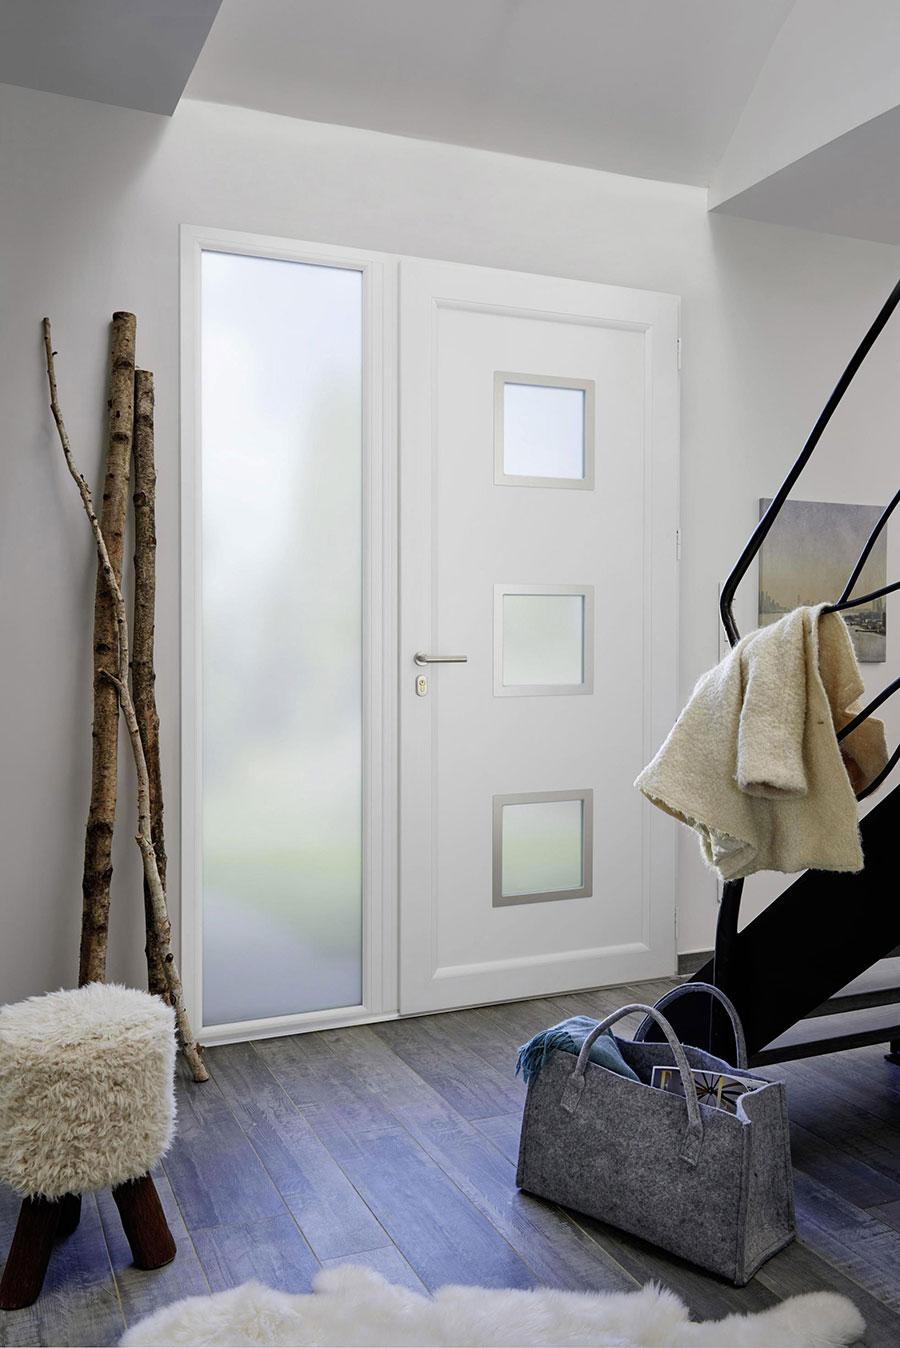 Porte d 39 entr e moderne lapeyre - Isolation phonique porte d entree ...